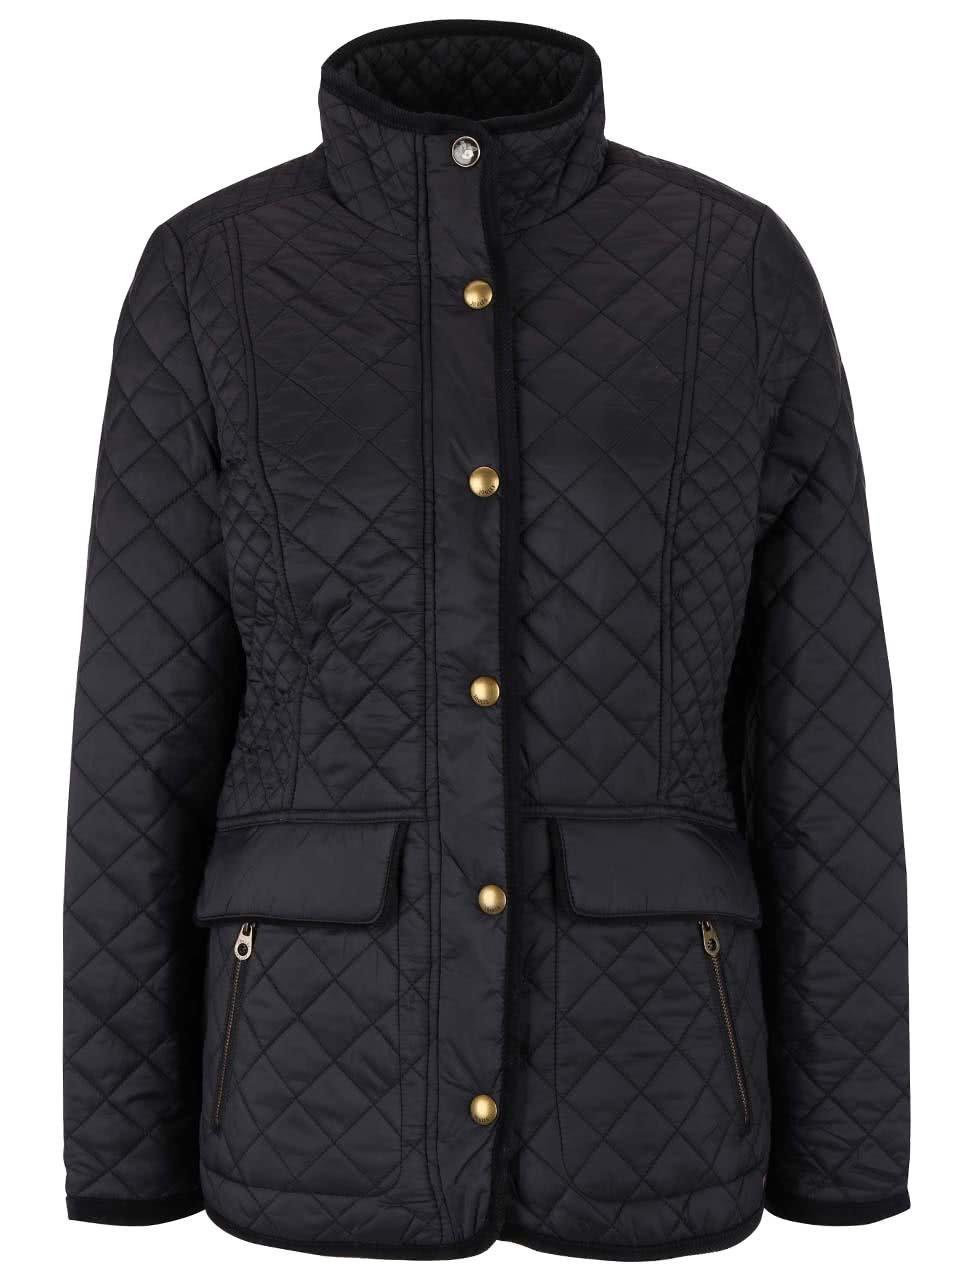 Černá dámská prošívaná bunda Tom Joule Newdale